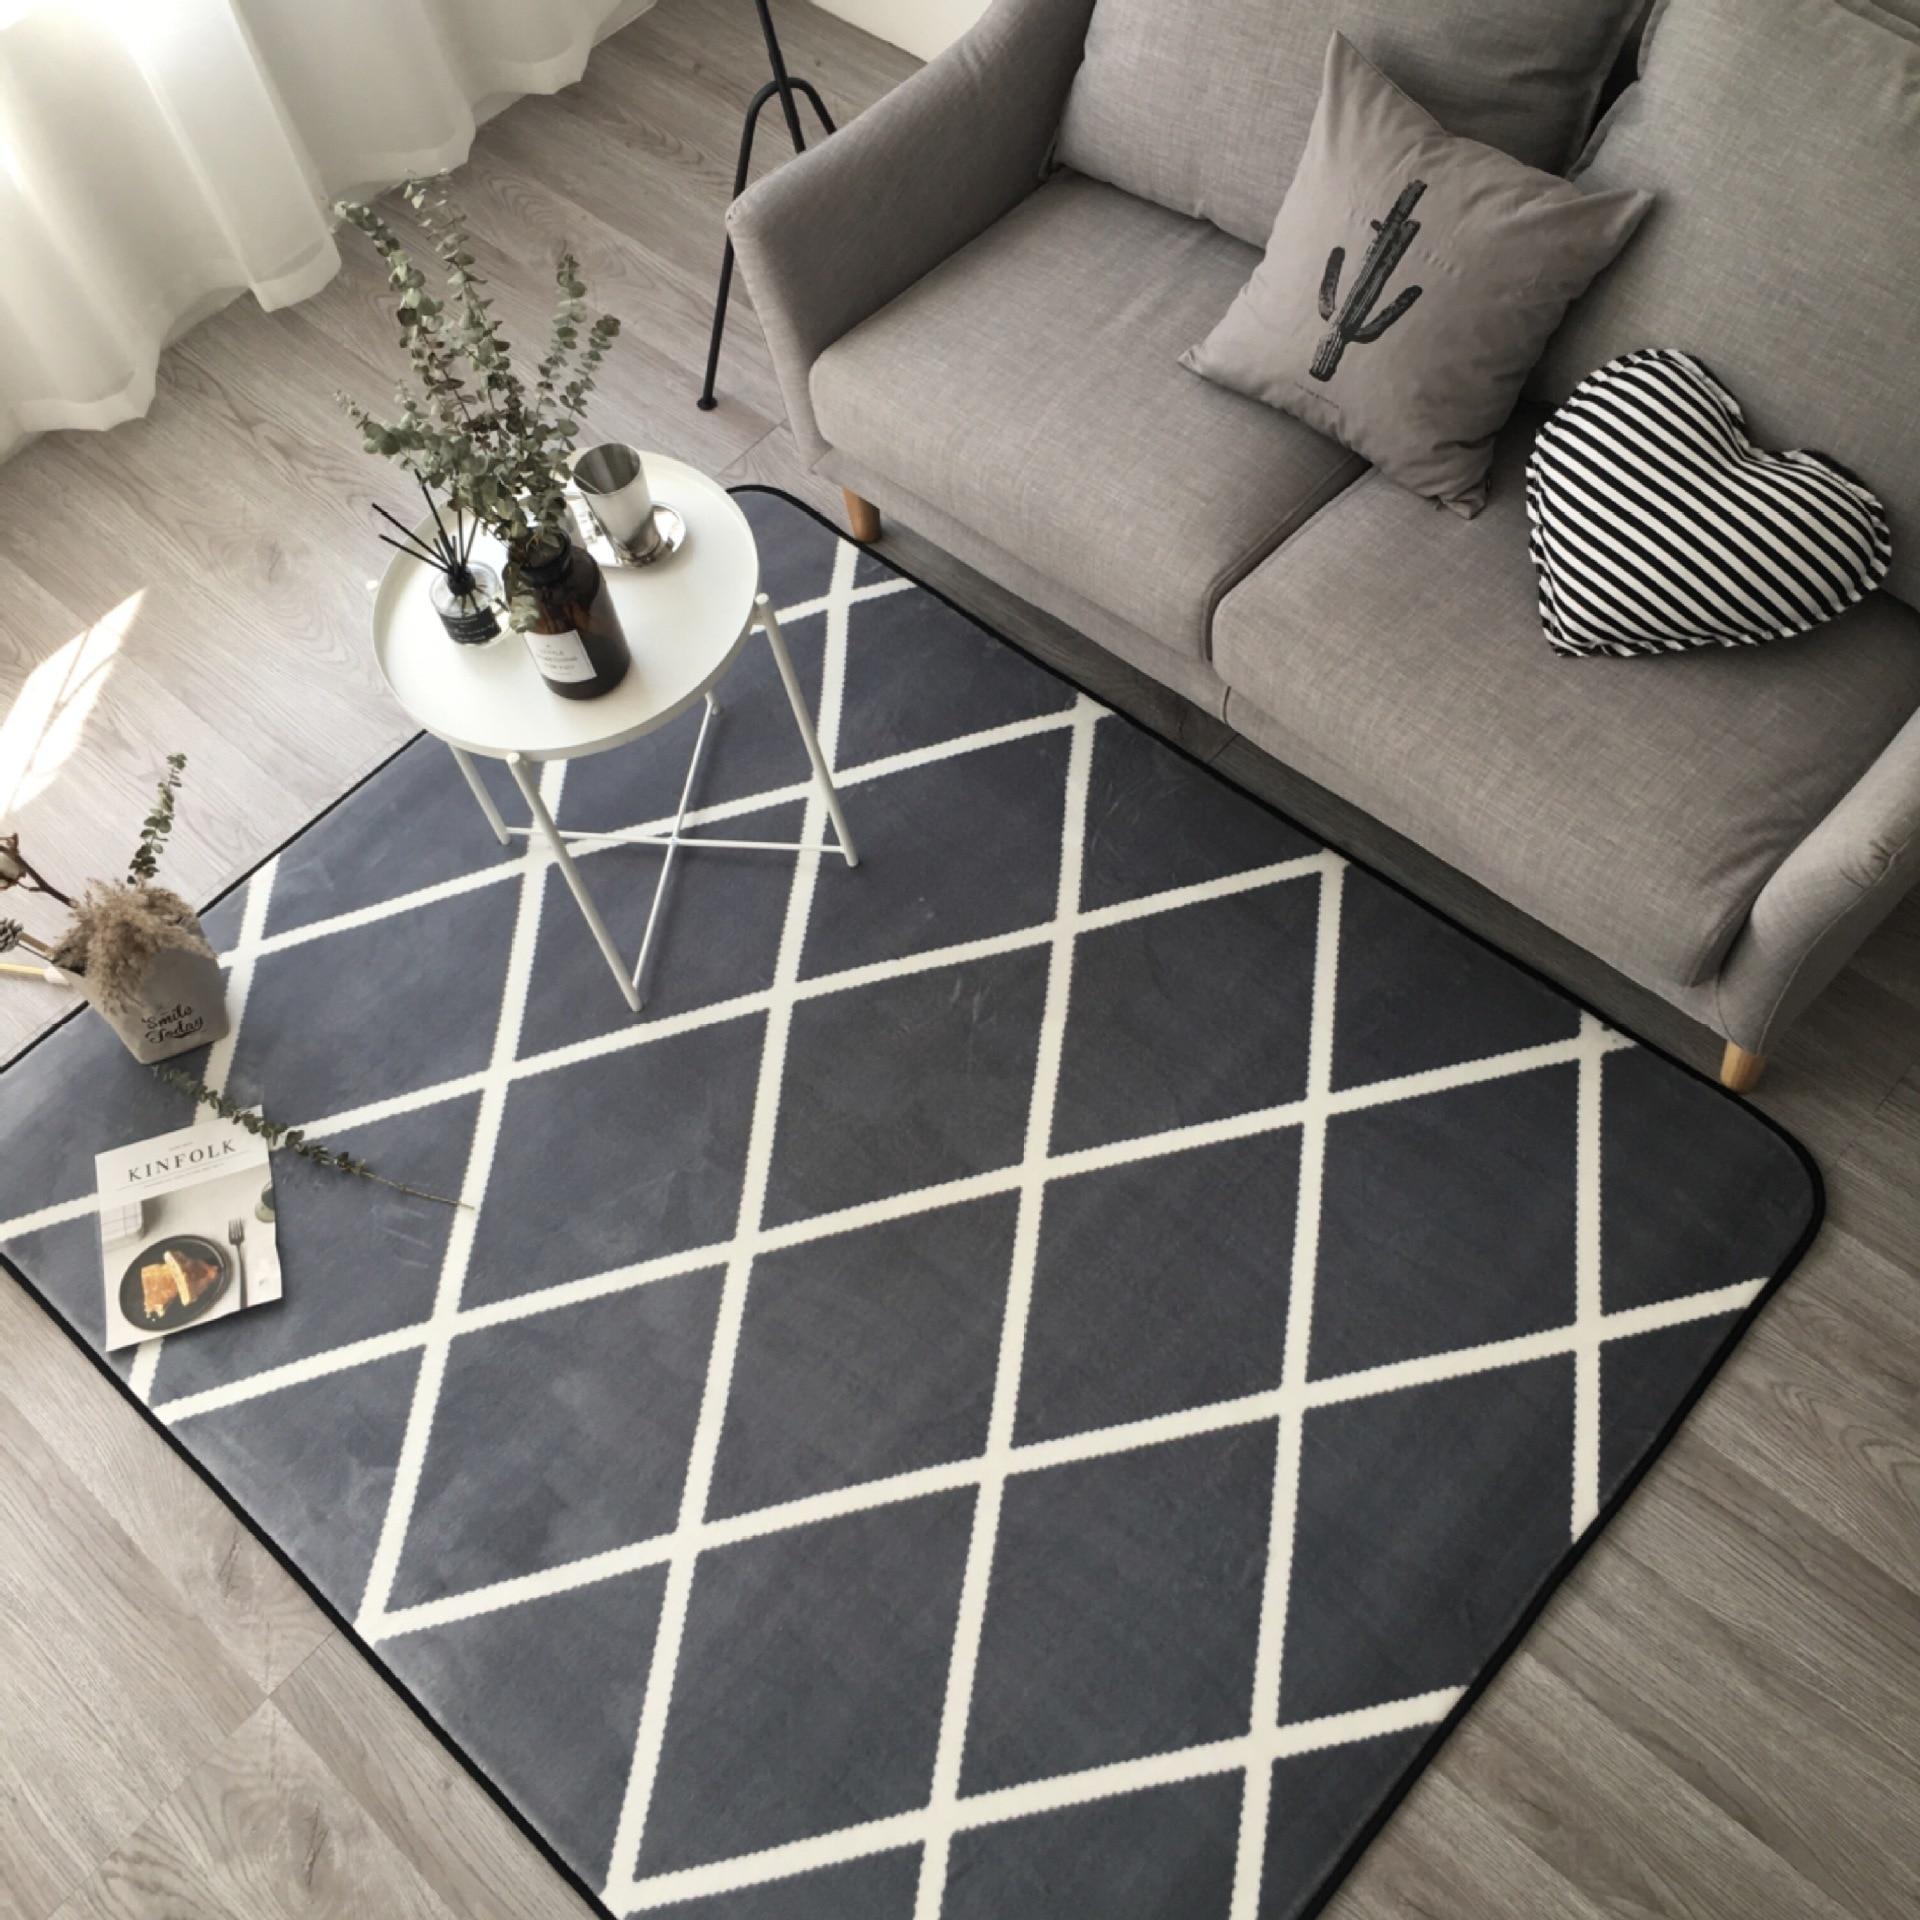 Grande taille flanelle tapis doux tapis antidérapants tapis de sol pour salon chambre fournitures de maison